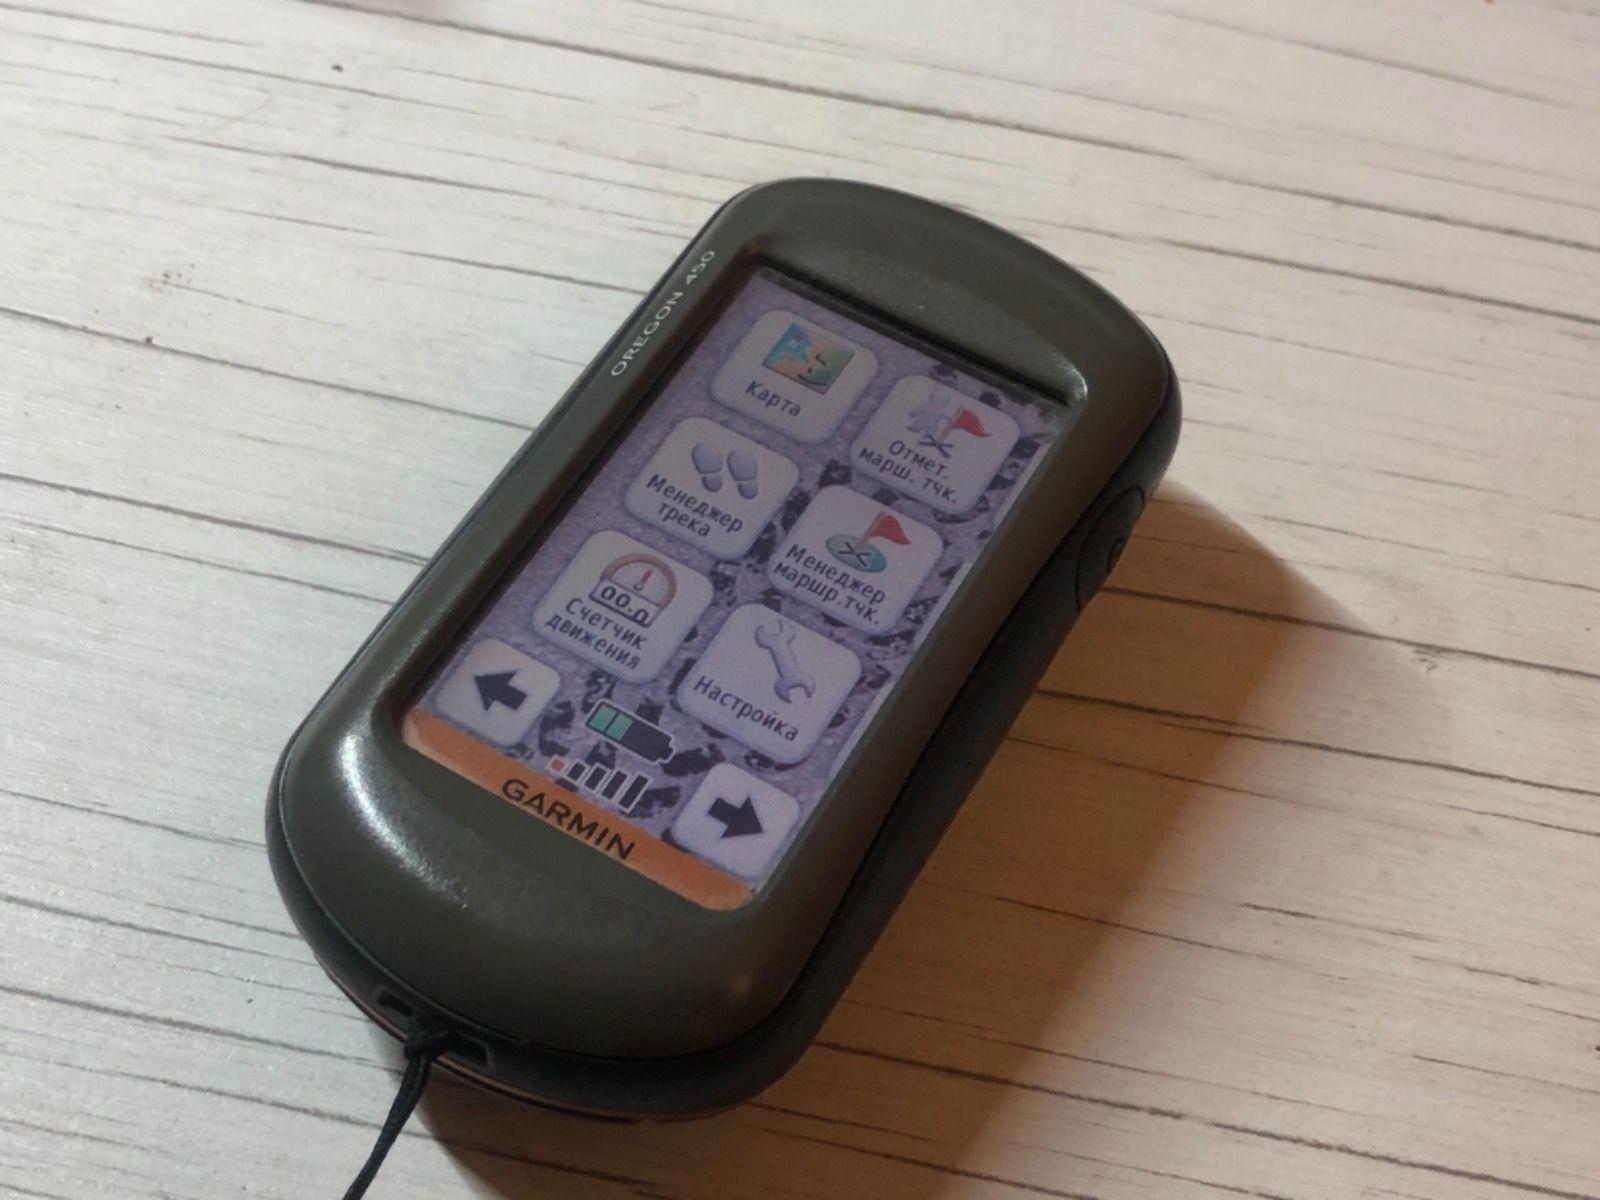 Туристический навигатор Garmin Oregon 450